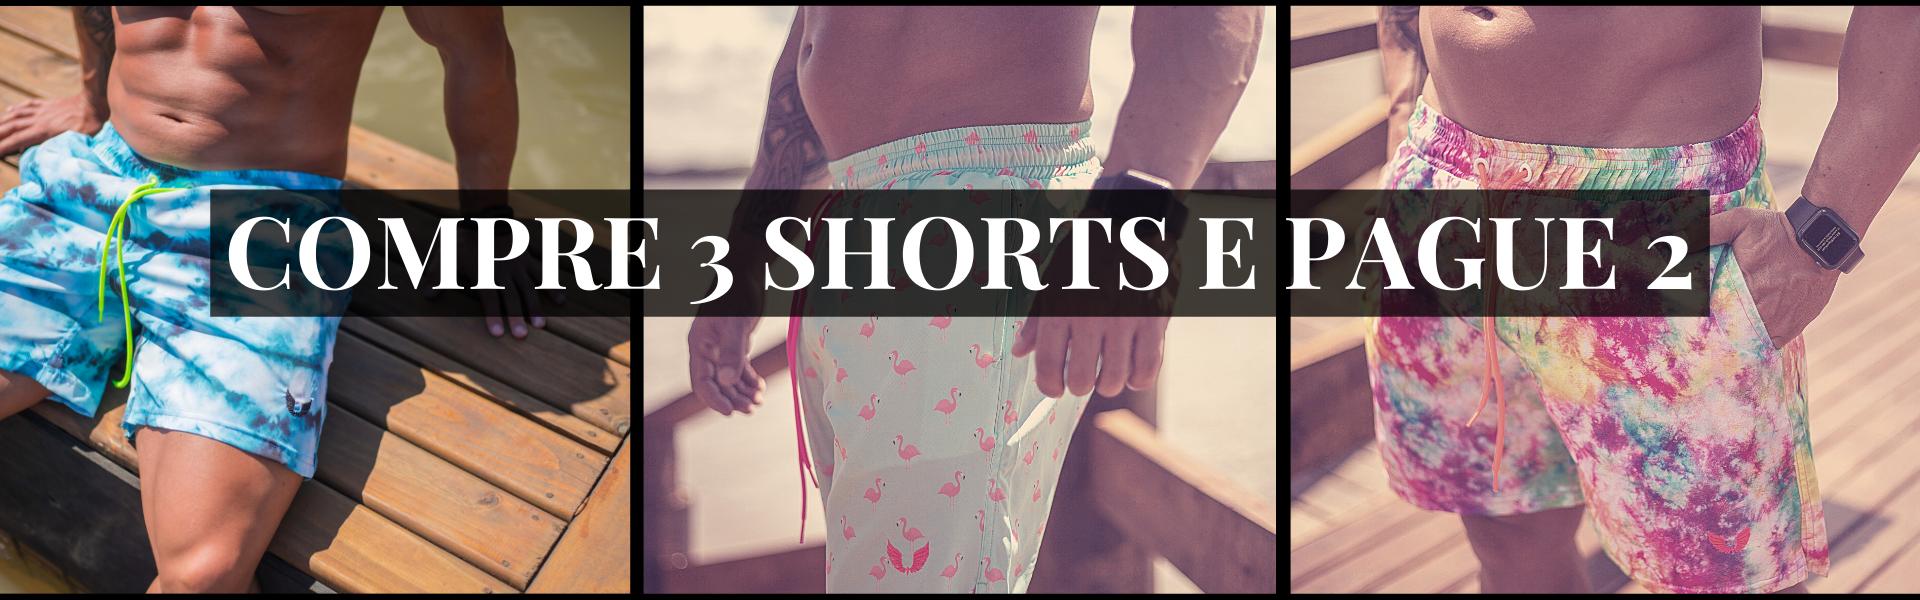 Compre 3 Shorts e pague 2